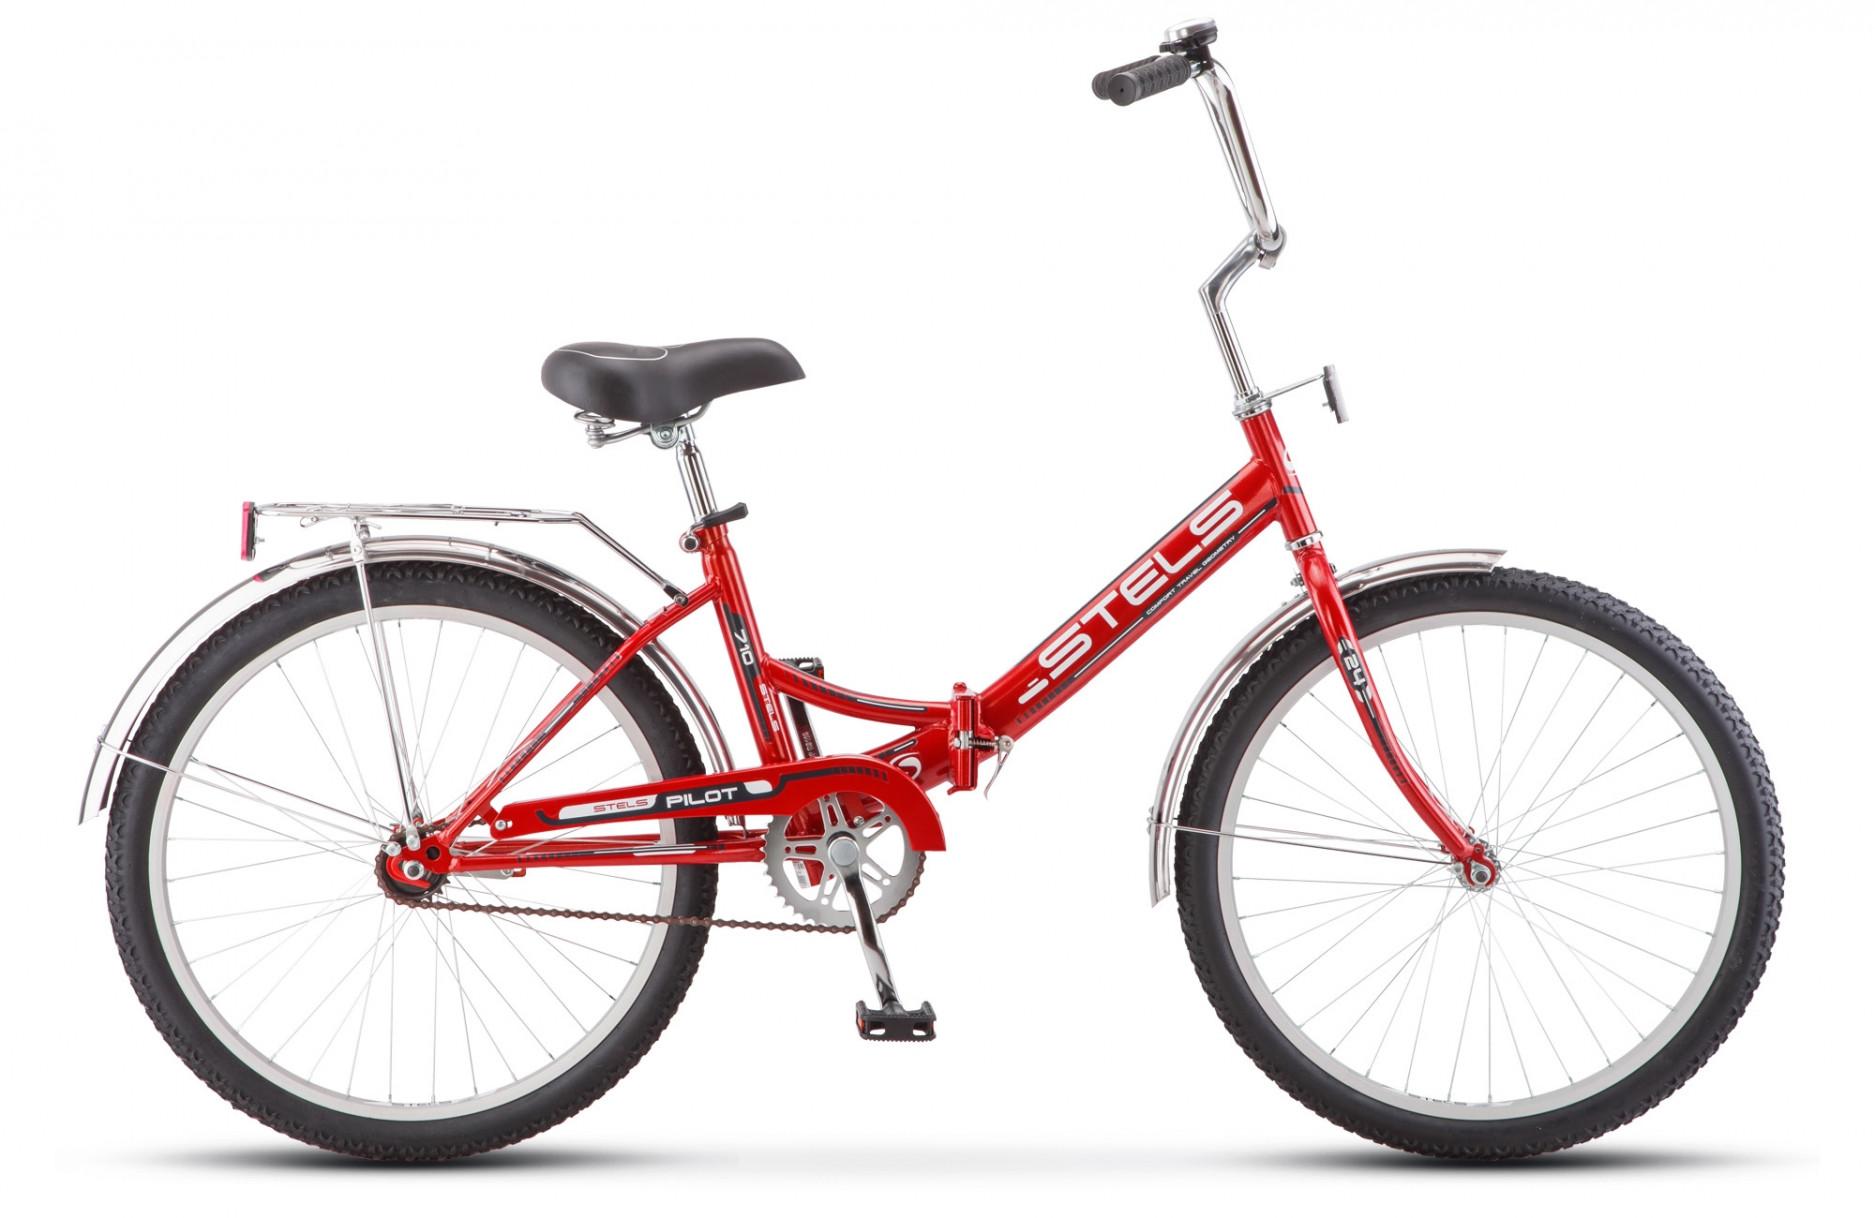 Складной велосипед Stels Pilot-710 2018 Z010 красный/черный